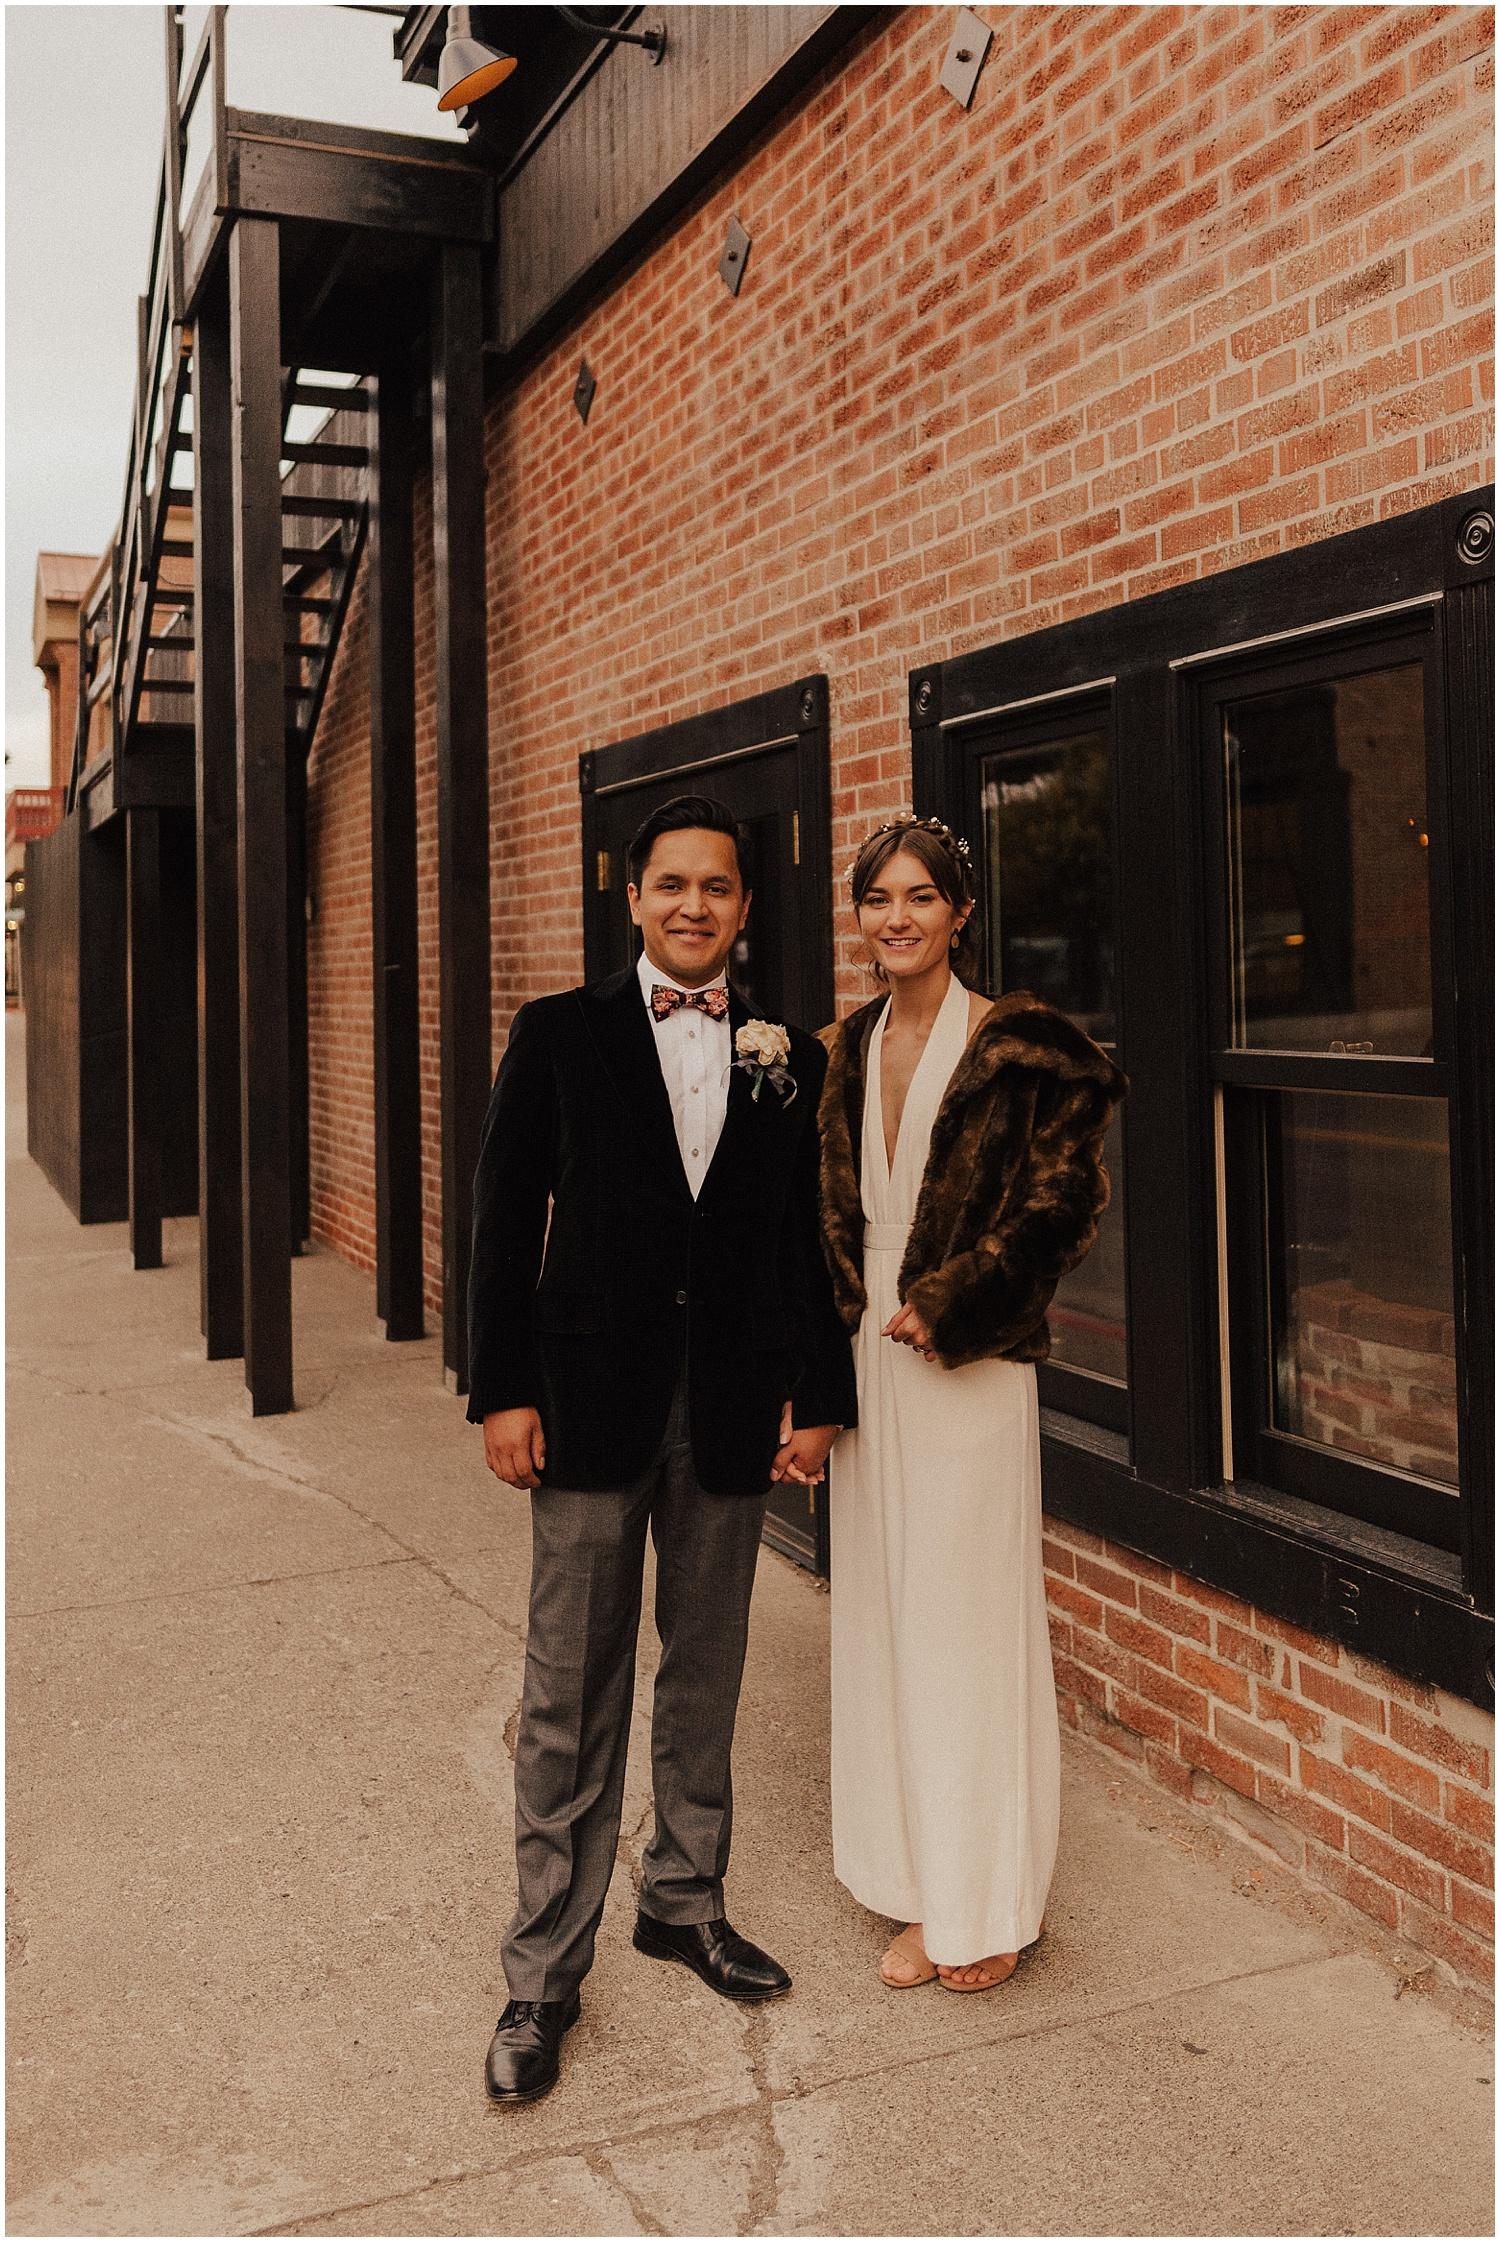 church-wedding-industrial-reception-sunvalley-idaho98.jpg